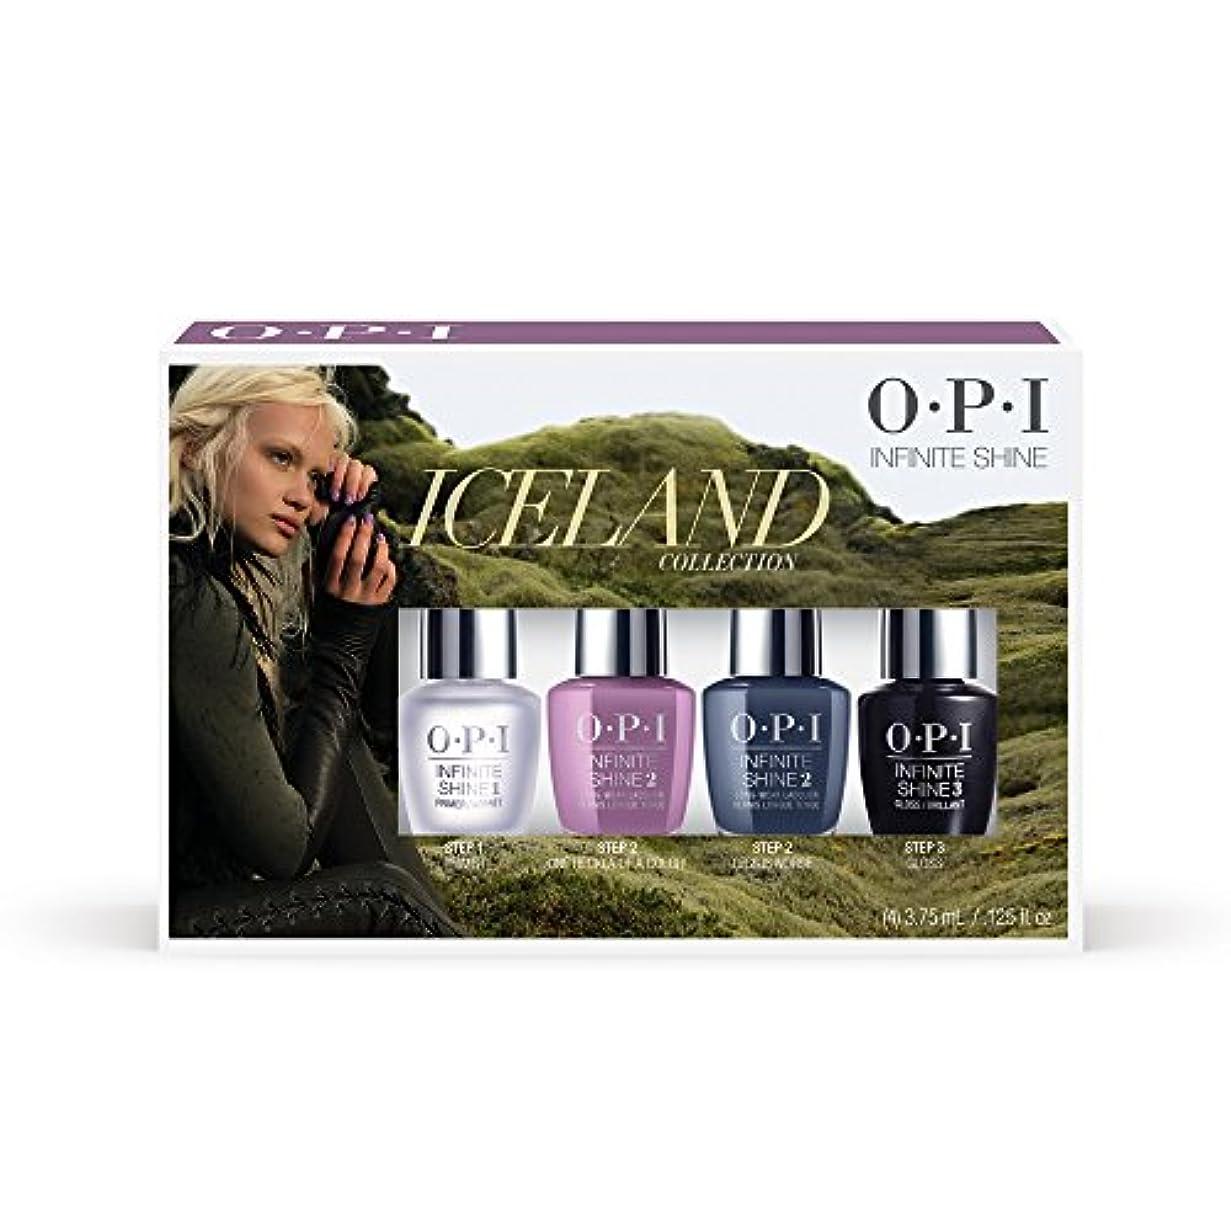 入植者魚液化するOPI(オーピーアイ) アイスランド コレクション インフィニット シャイン ミニパック